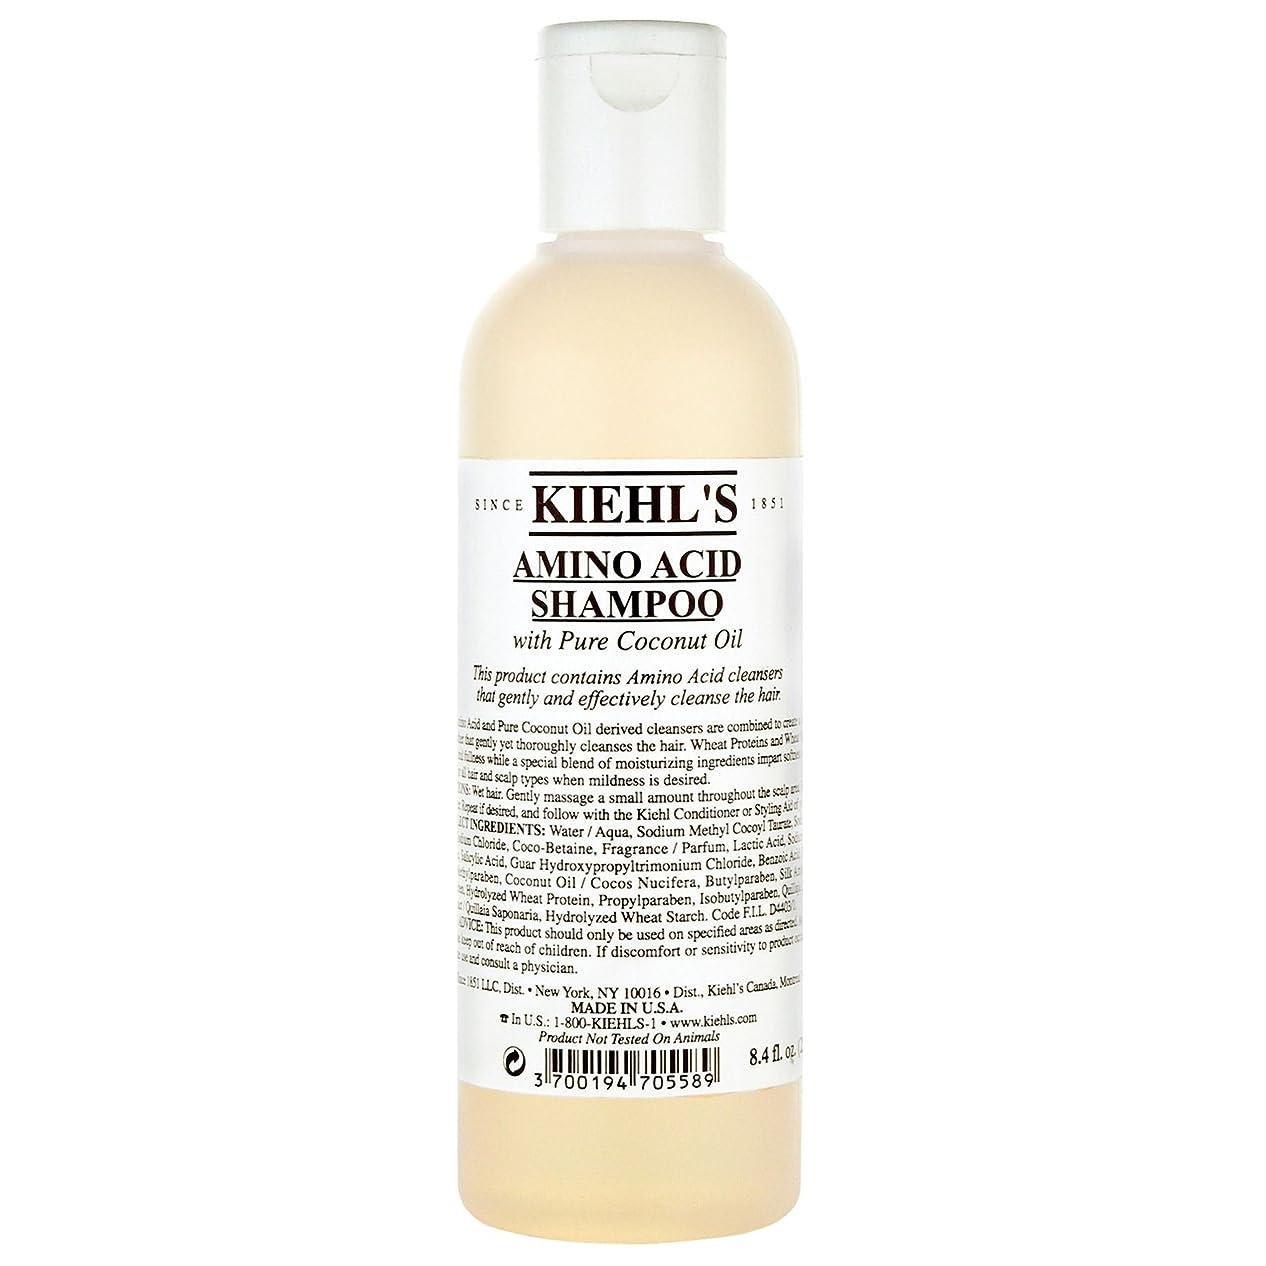 性的占めるめまい[Kiehl's ] キールズアミノ酸シャンプー500ミリリットル - Kiehl's Amino Acid Shampoo 500ml [並行輸入品]